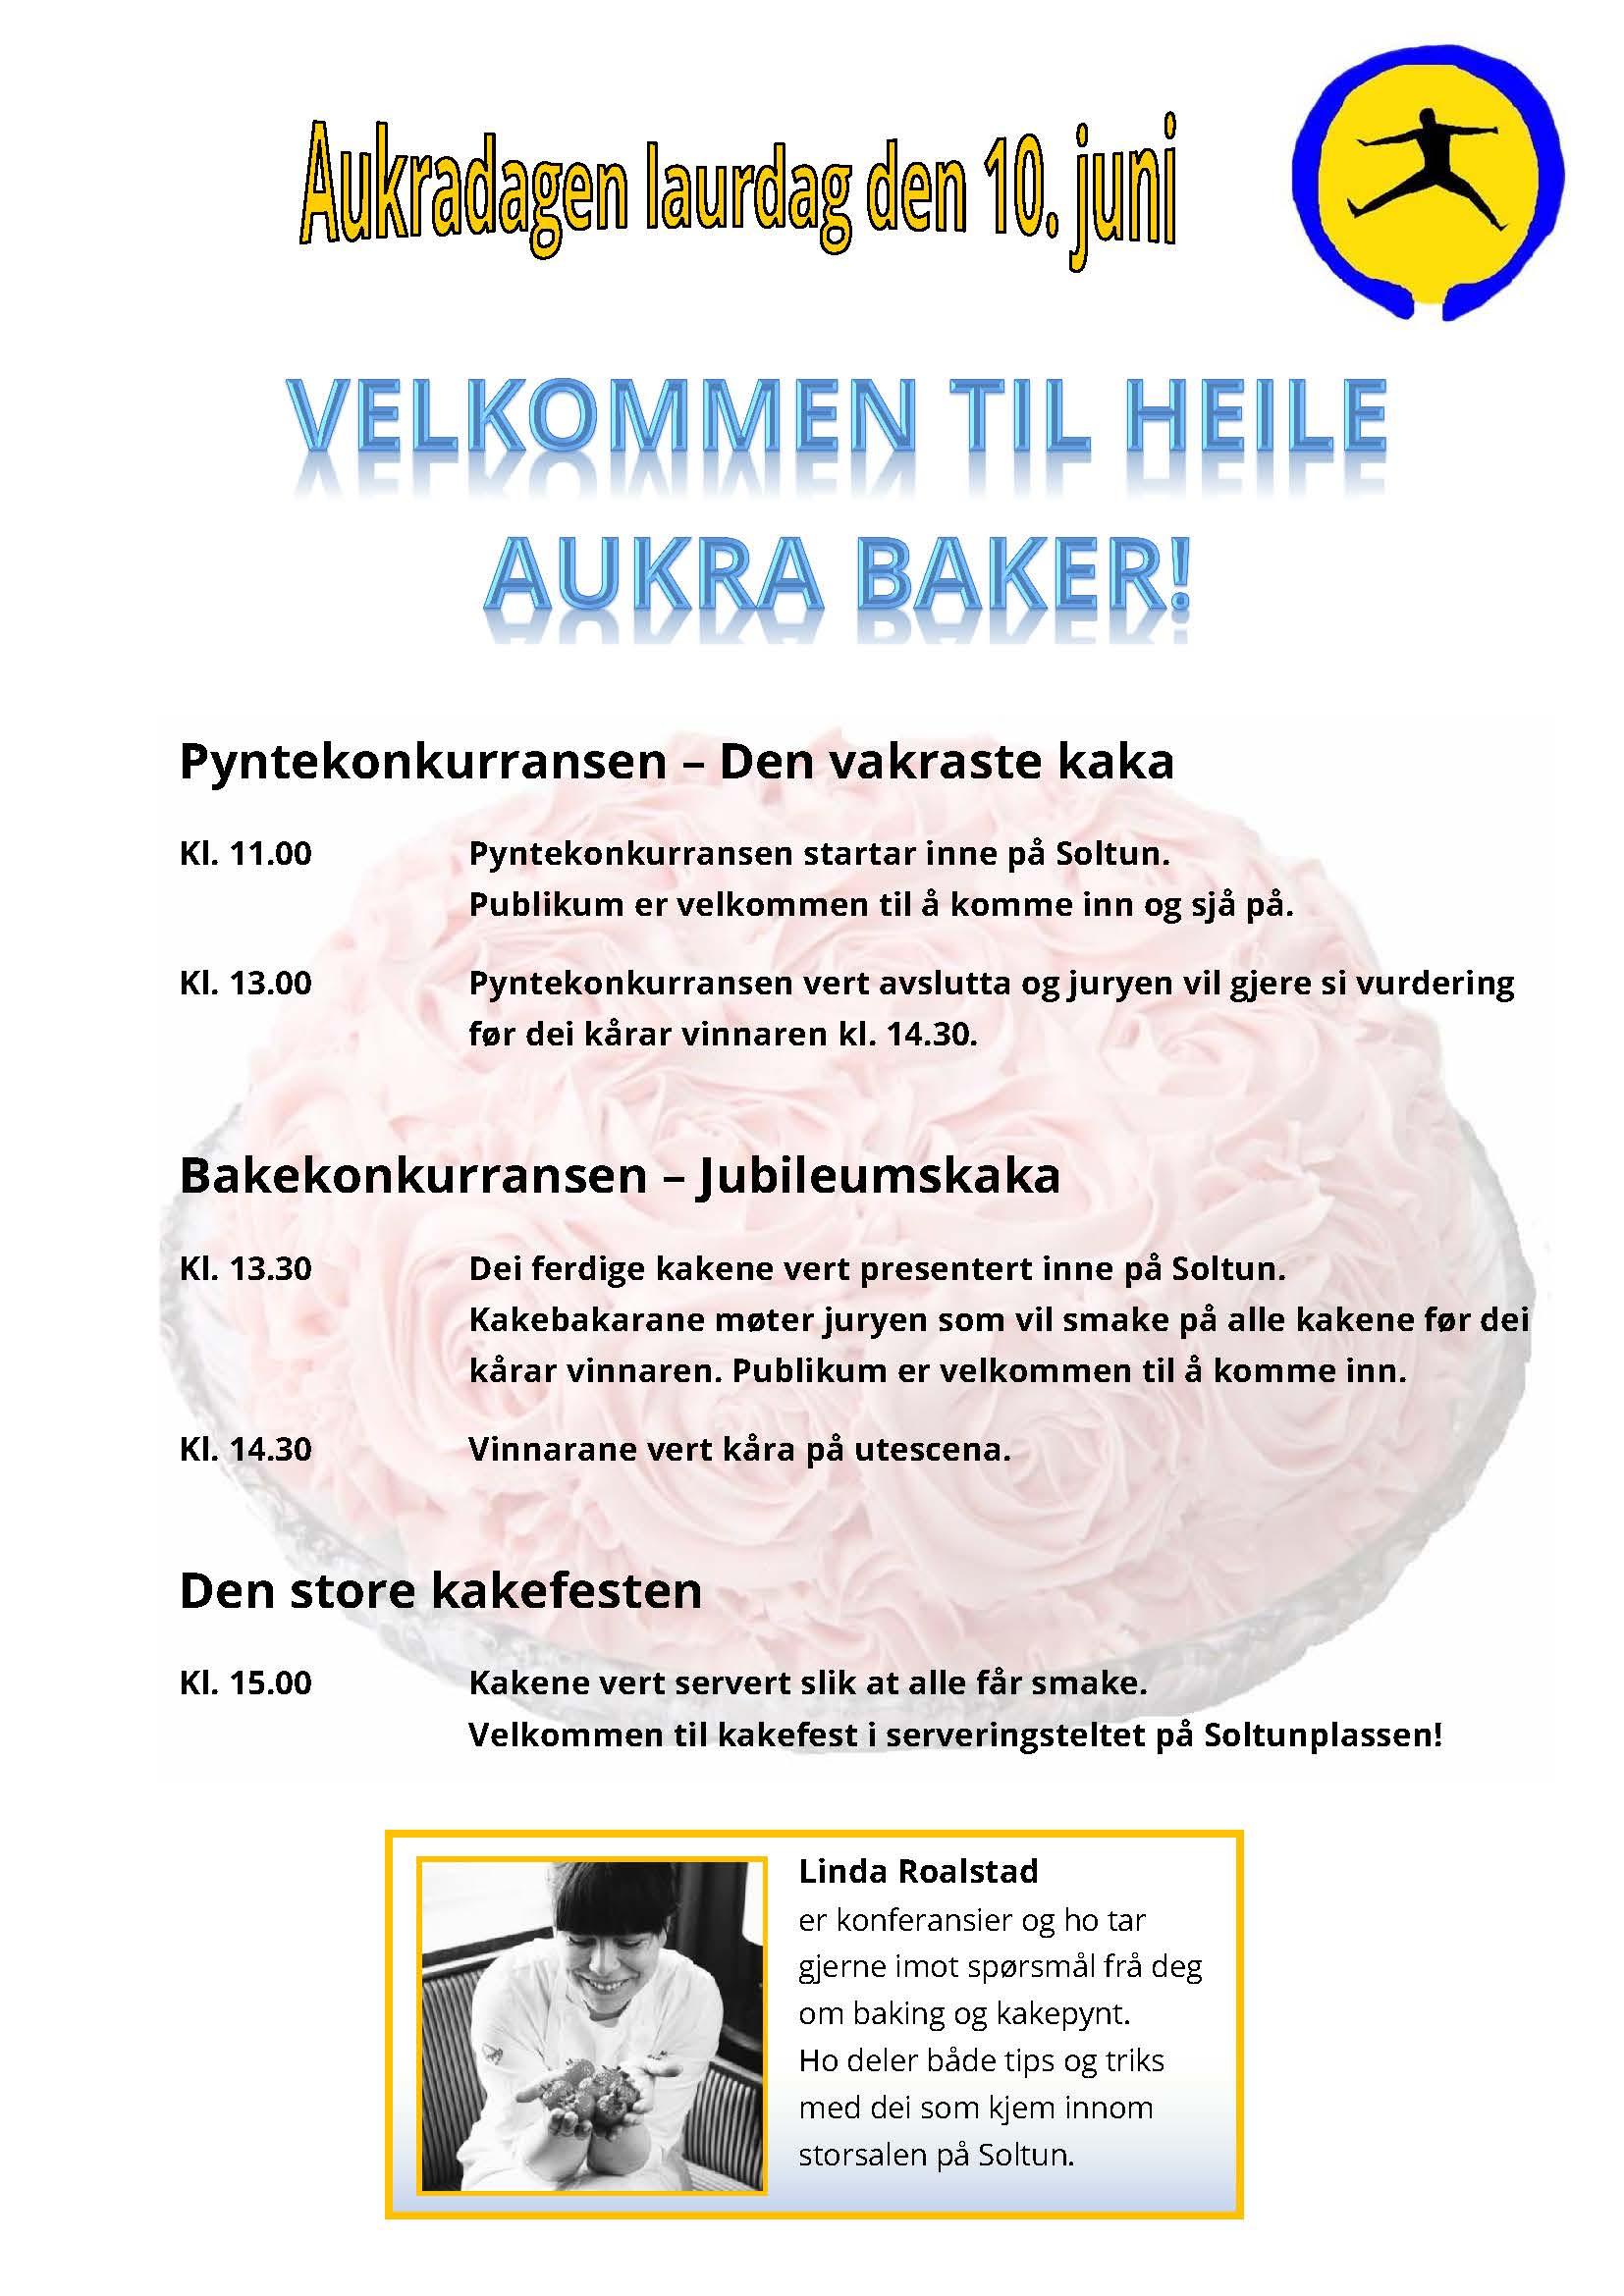 Heile Aukra baker